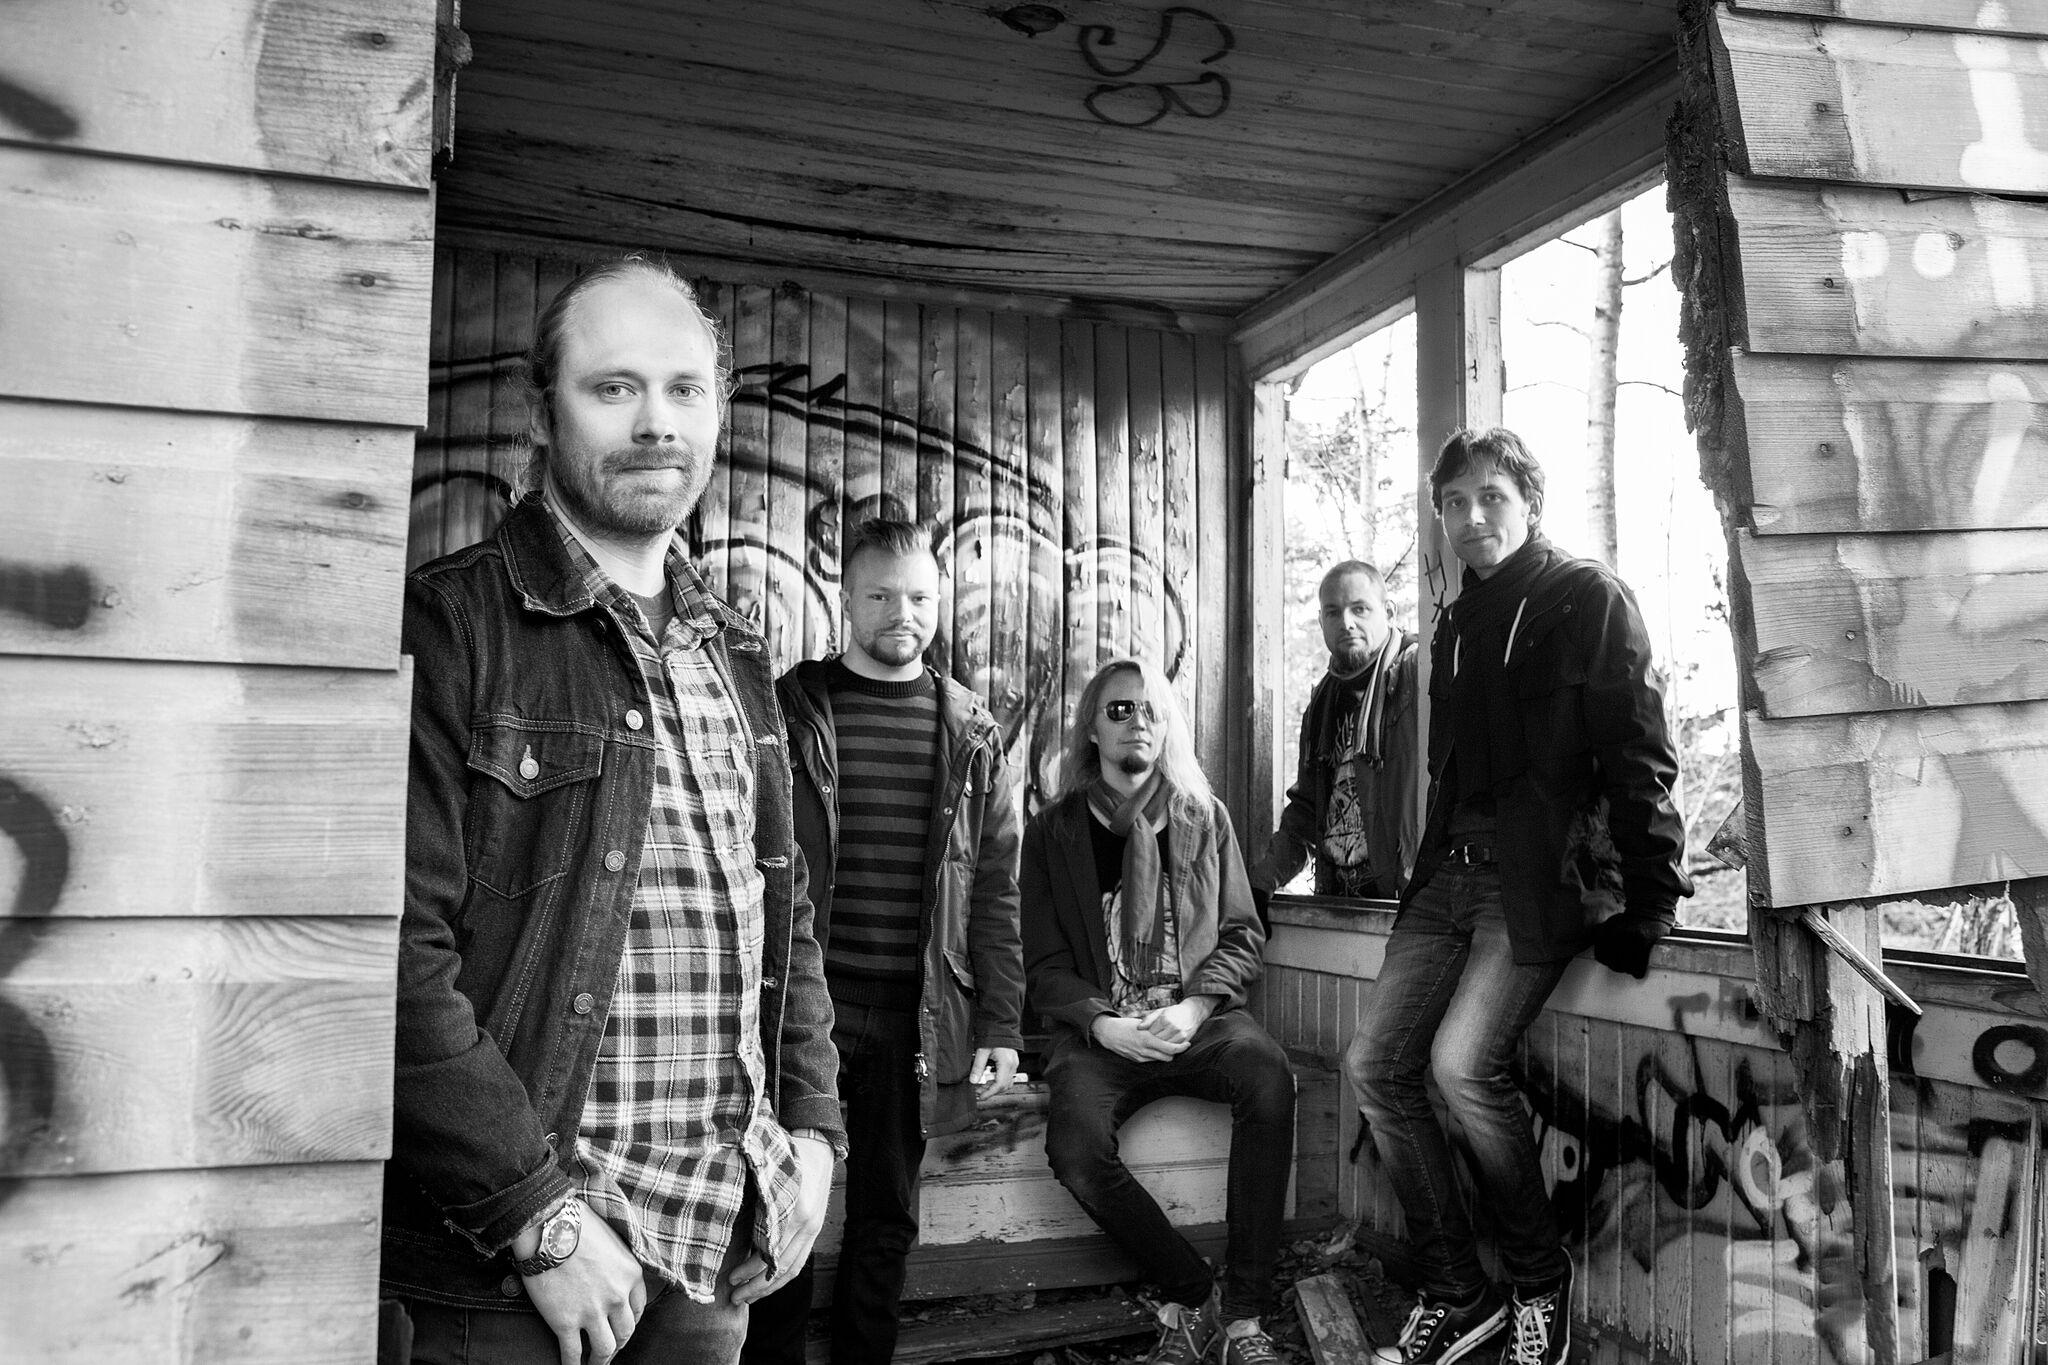 Montagelta uusi albumi marraskuussa – ensimmäinen single tarjolla